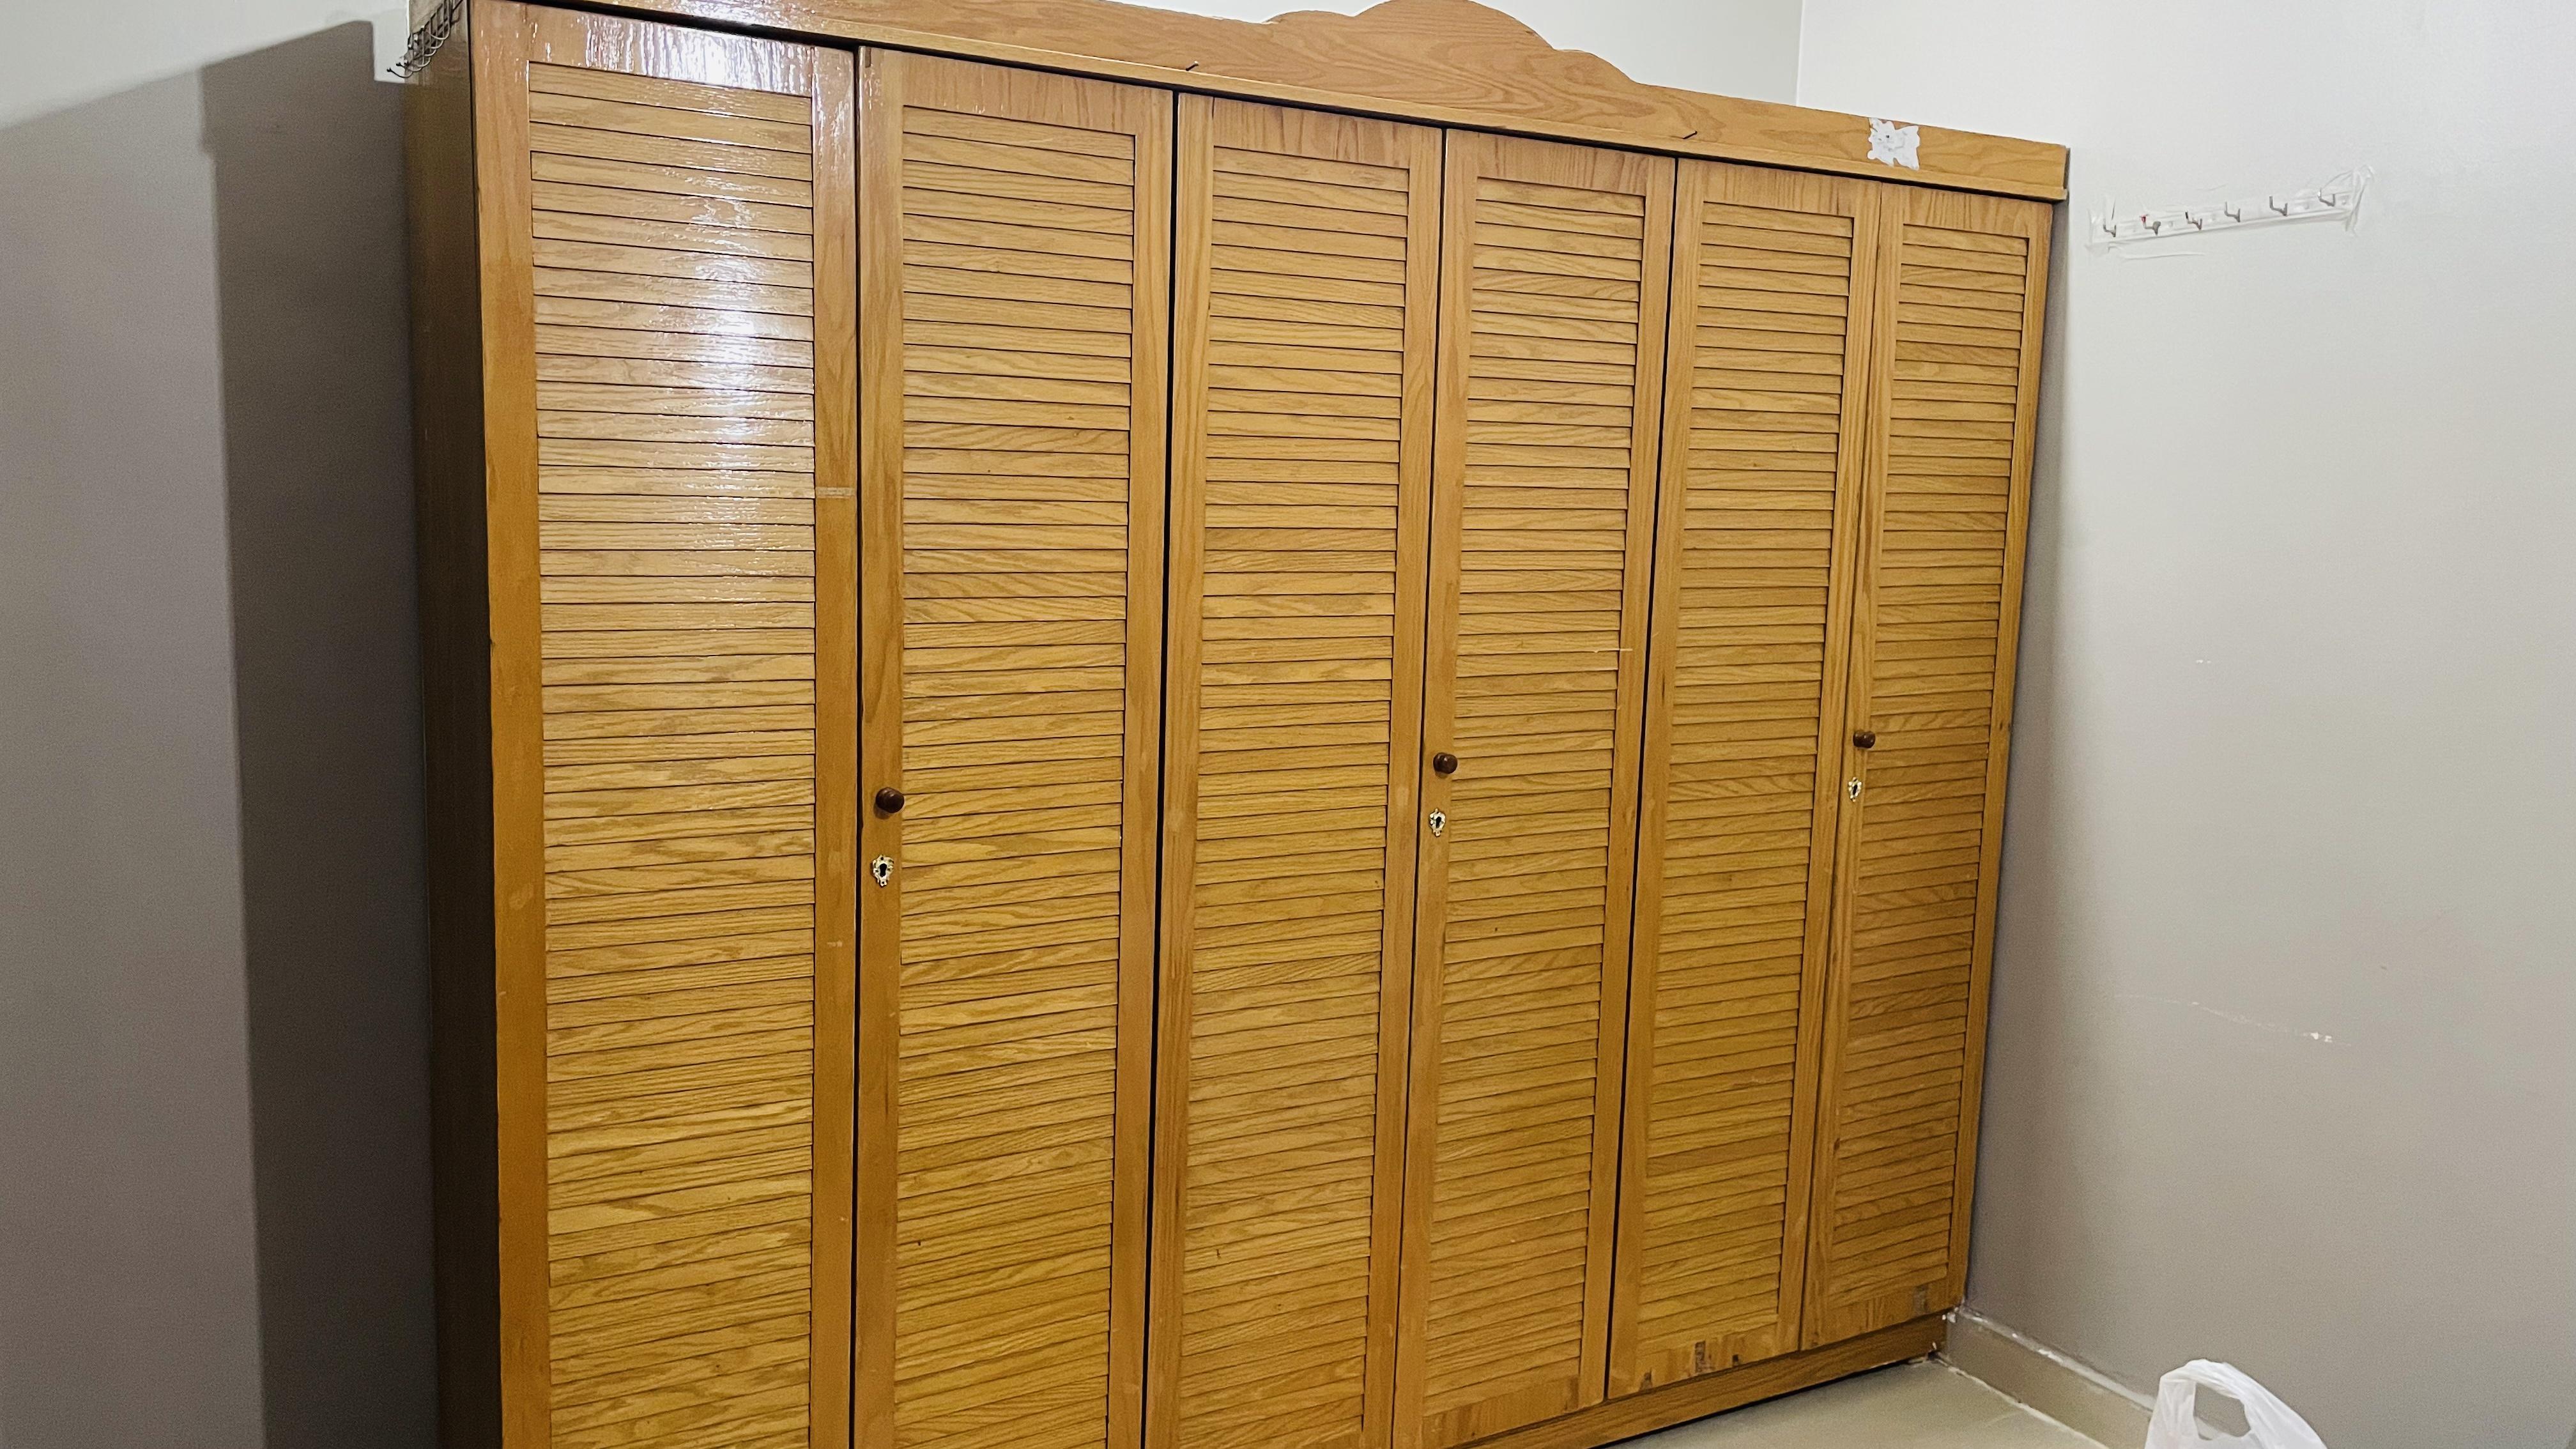 6 door wardrobe for sale